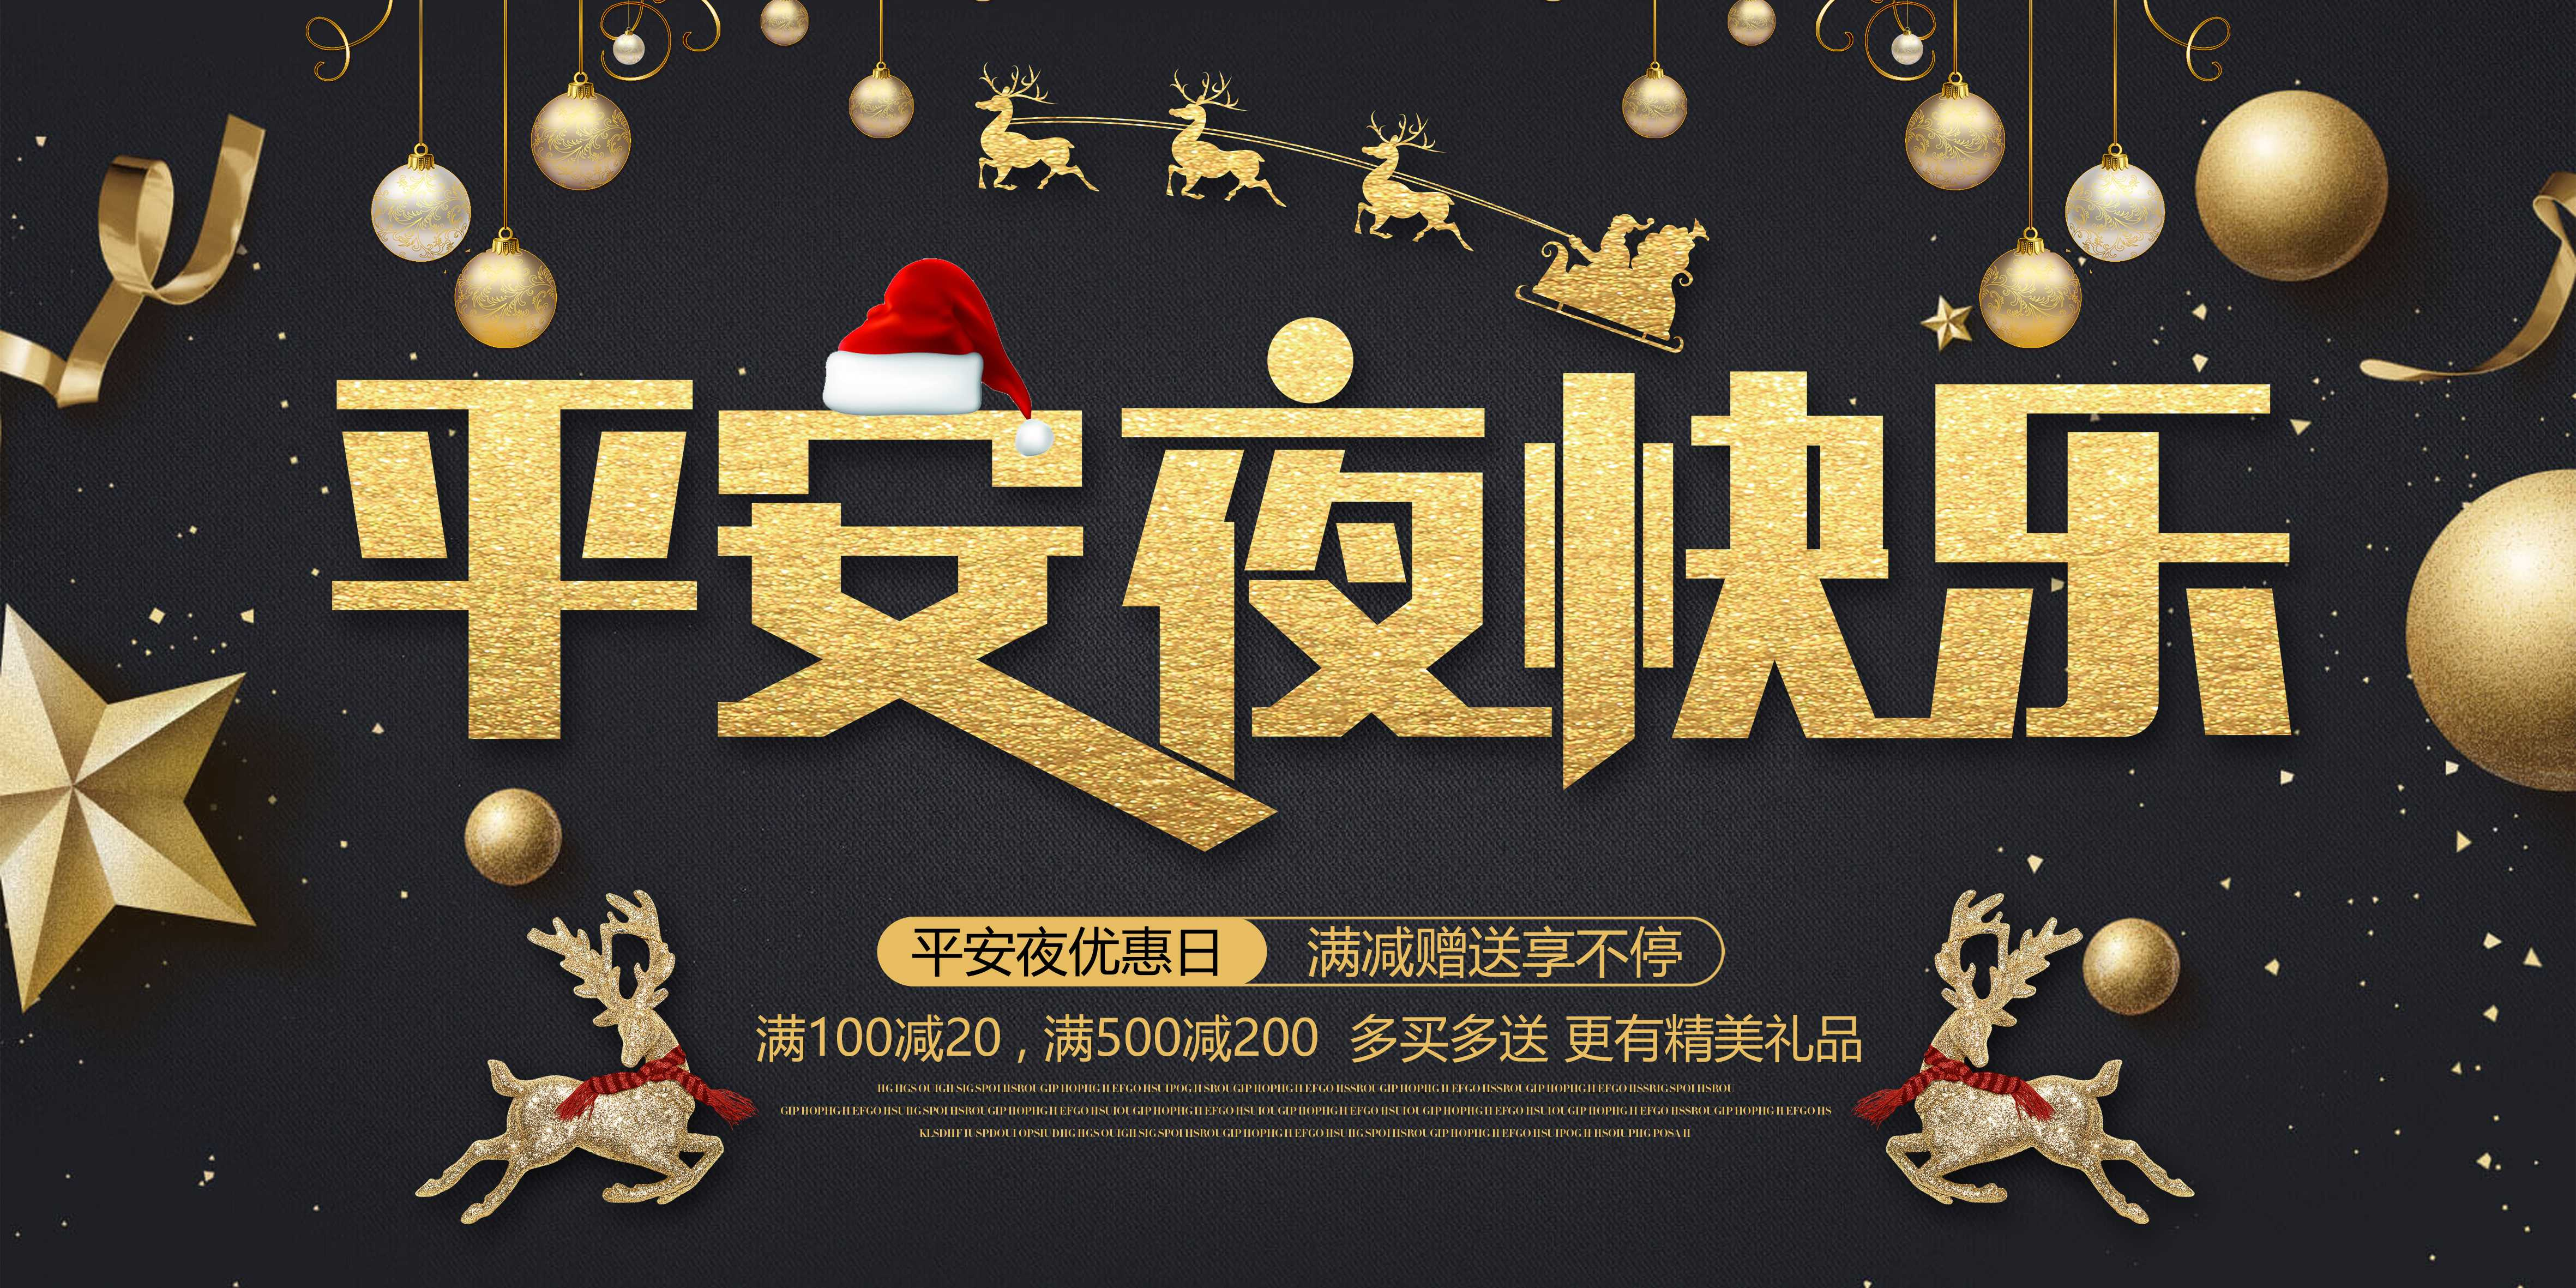 黑金麋鹿平安夜快乐展板圣诞元旦